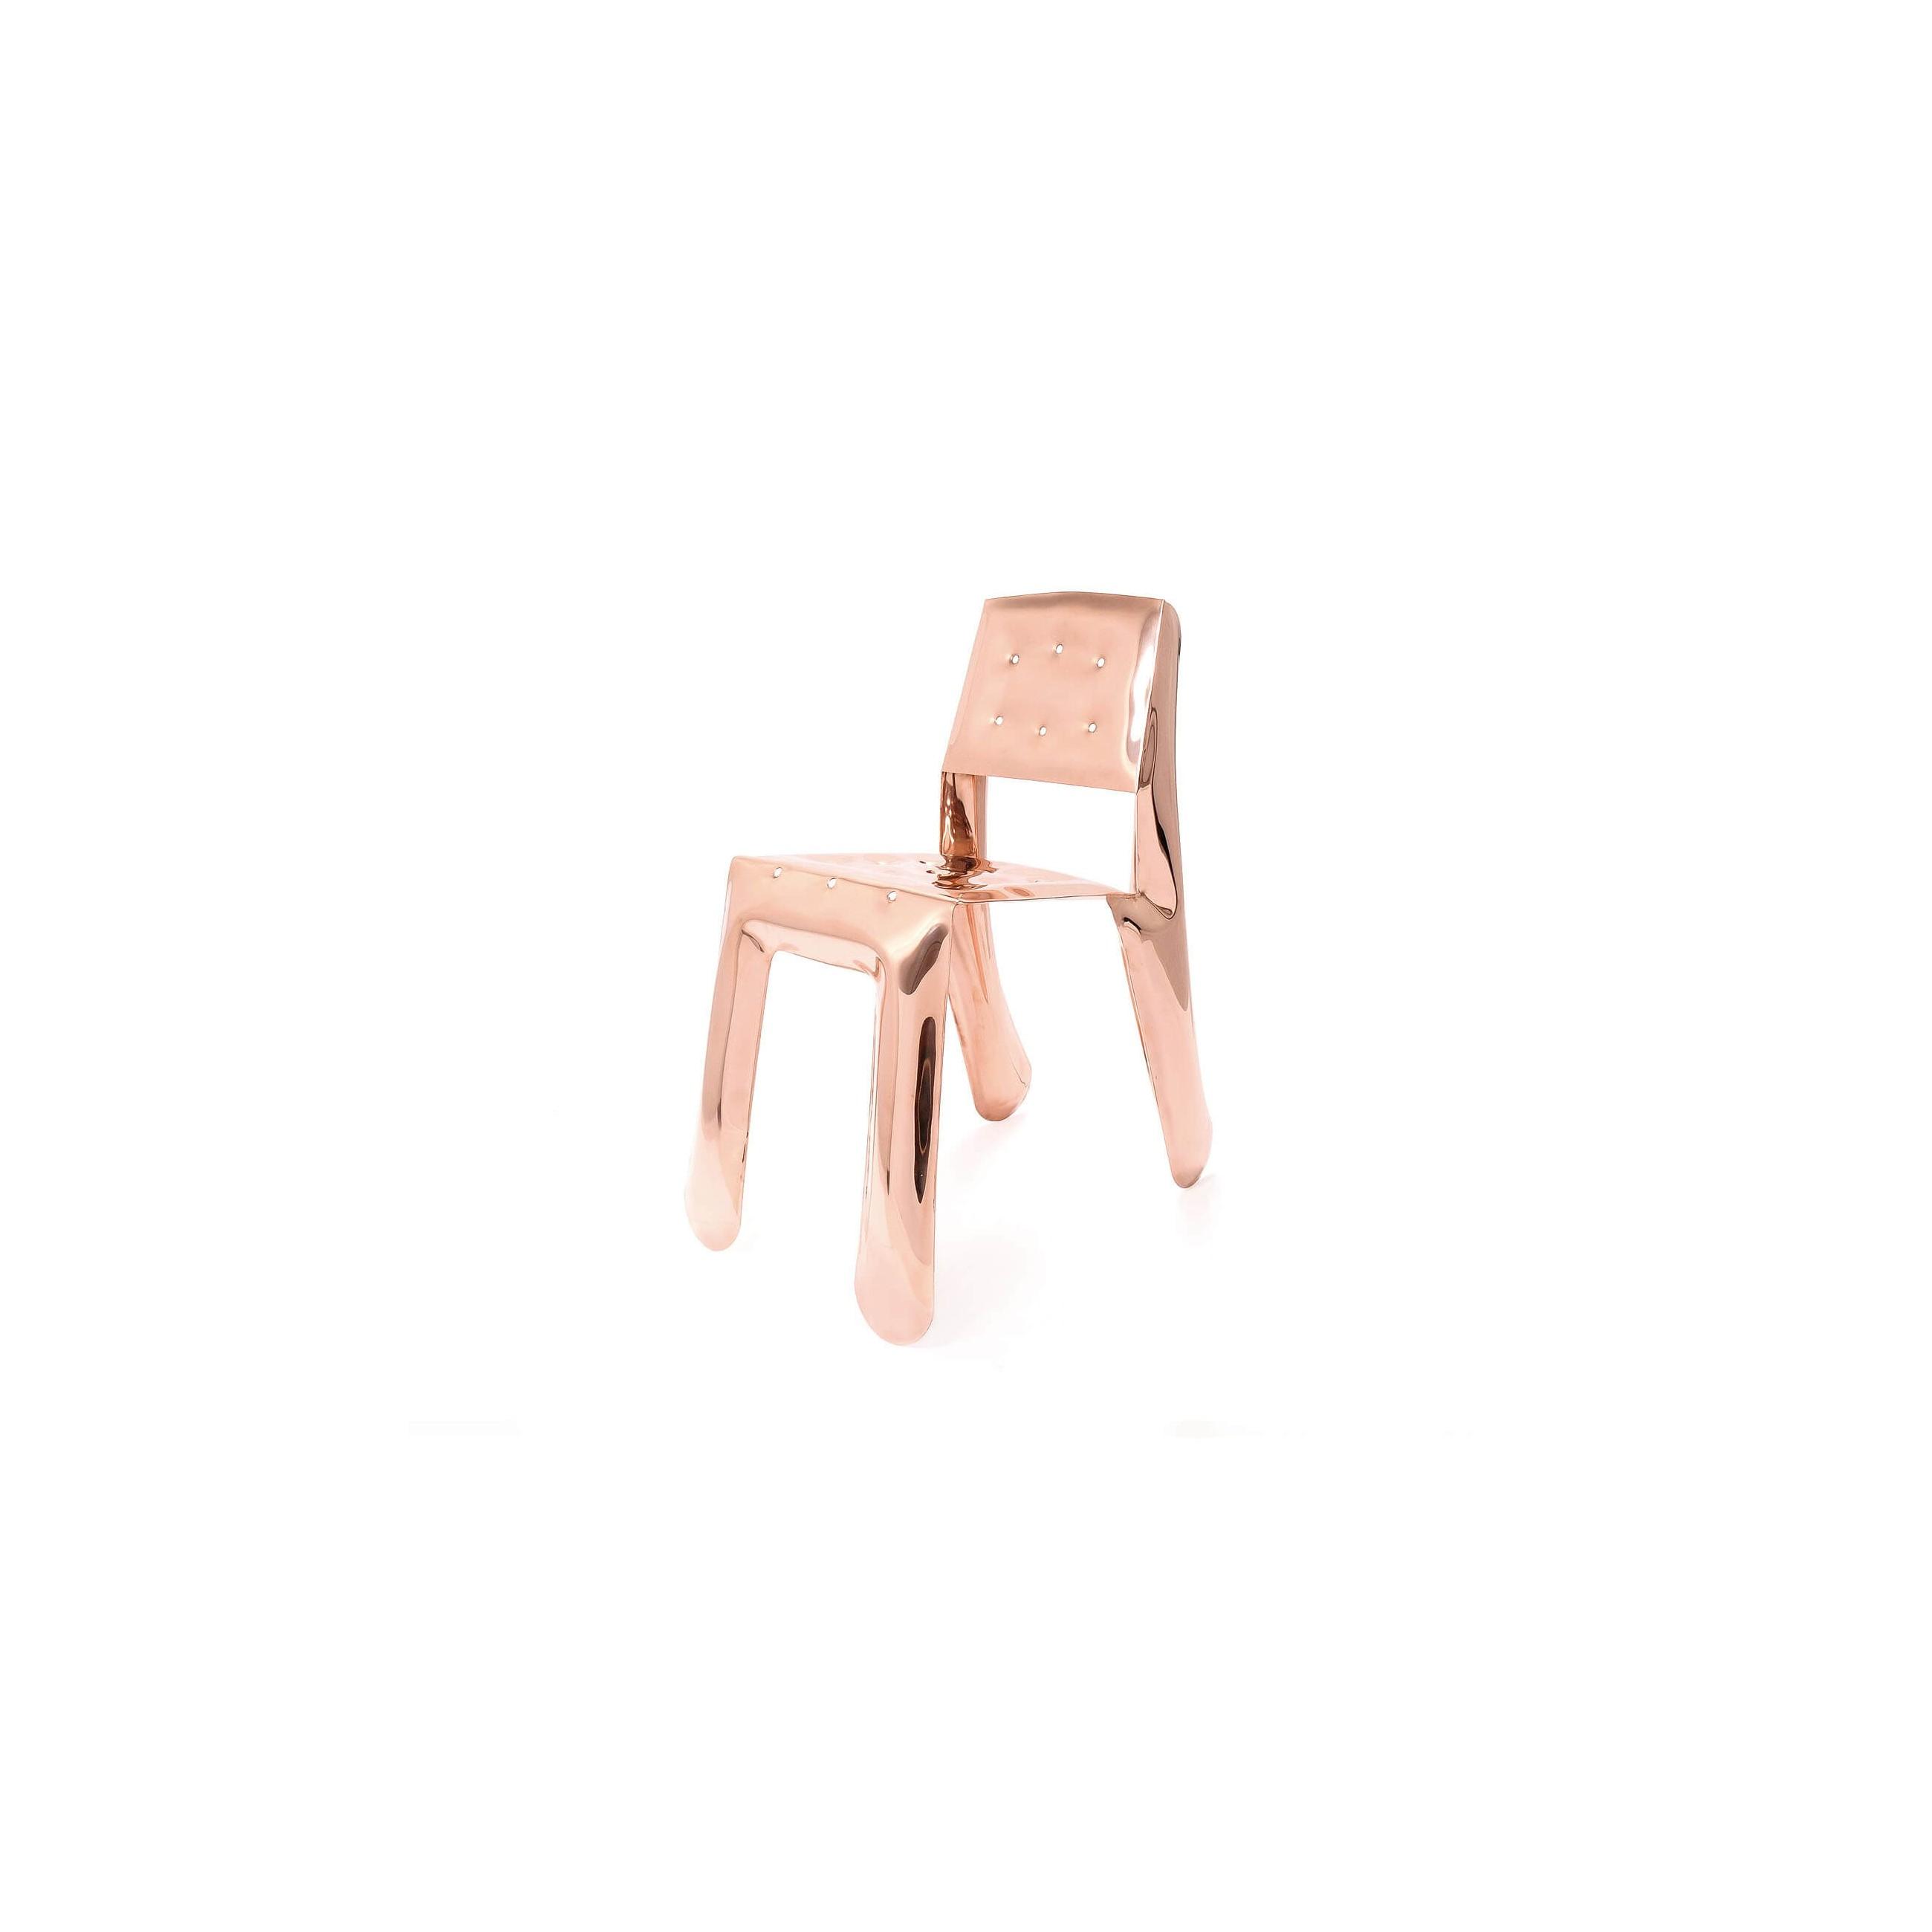 Chippensteel 0 5 copper